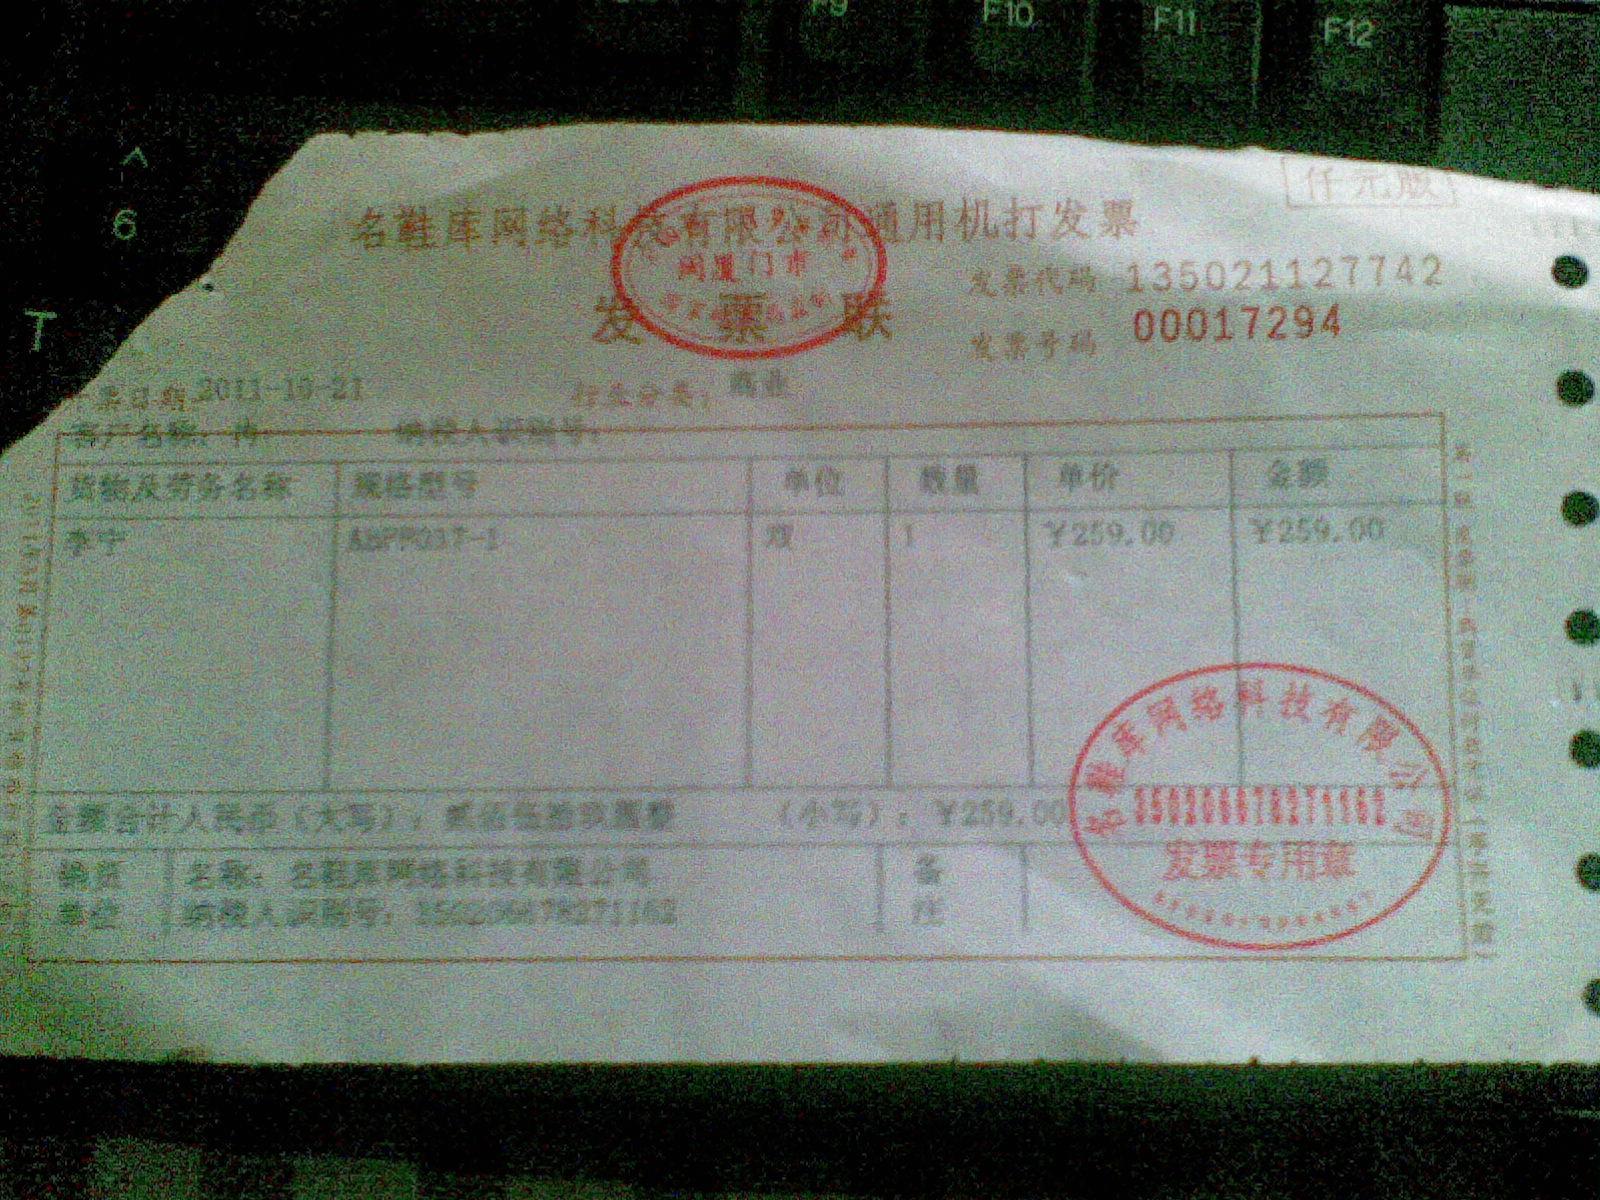 四川国税局发票查询_四川省国税局发票查询专网-